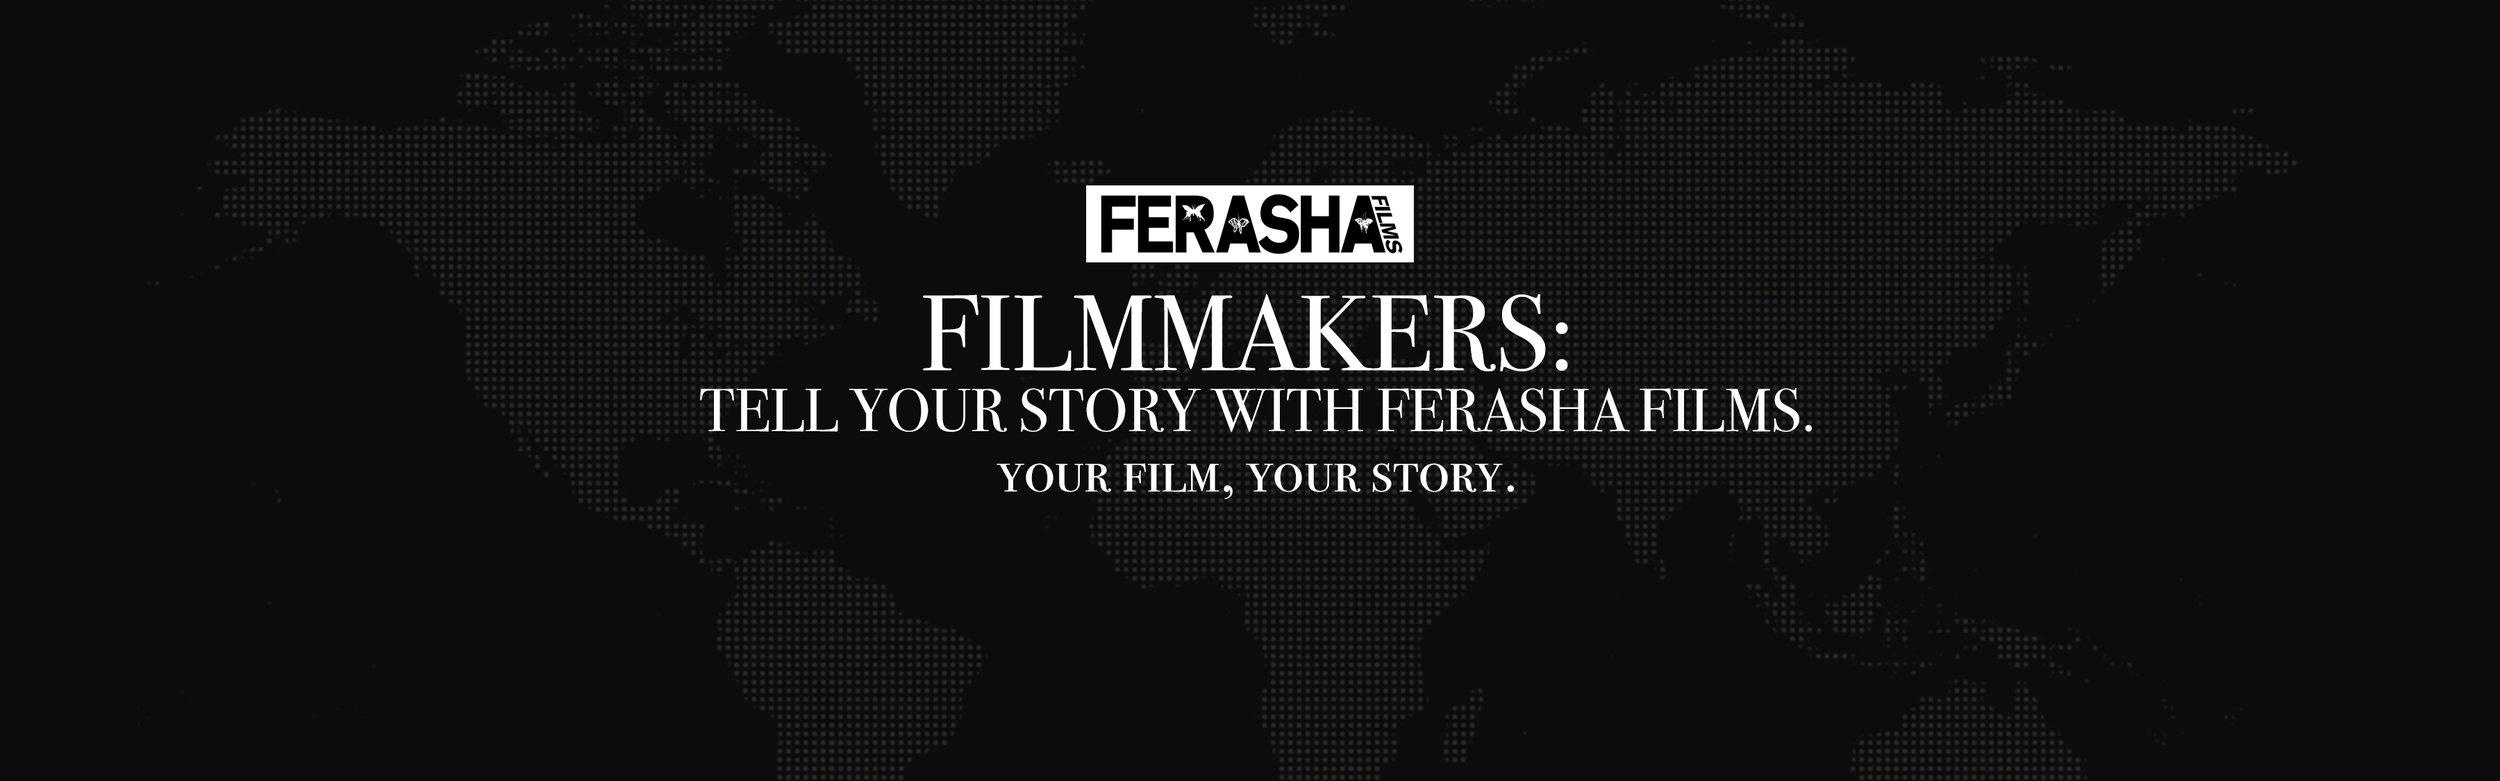 ferasha filmmaker application graphic.jpg